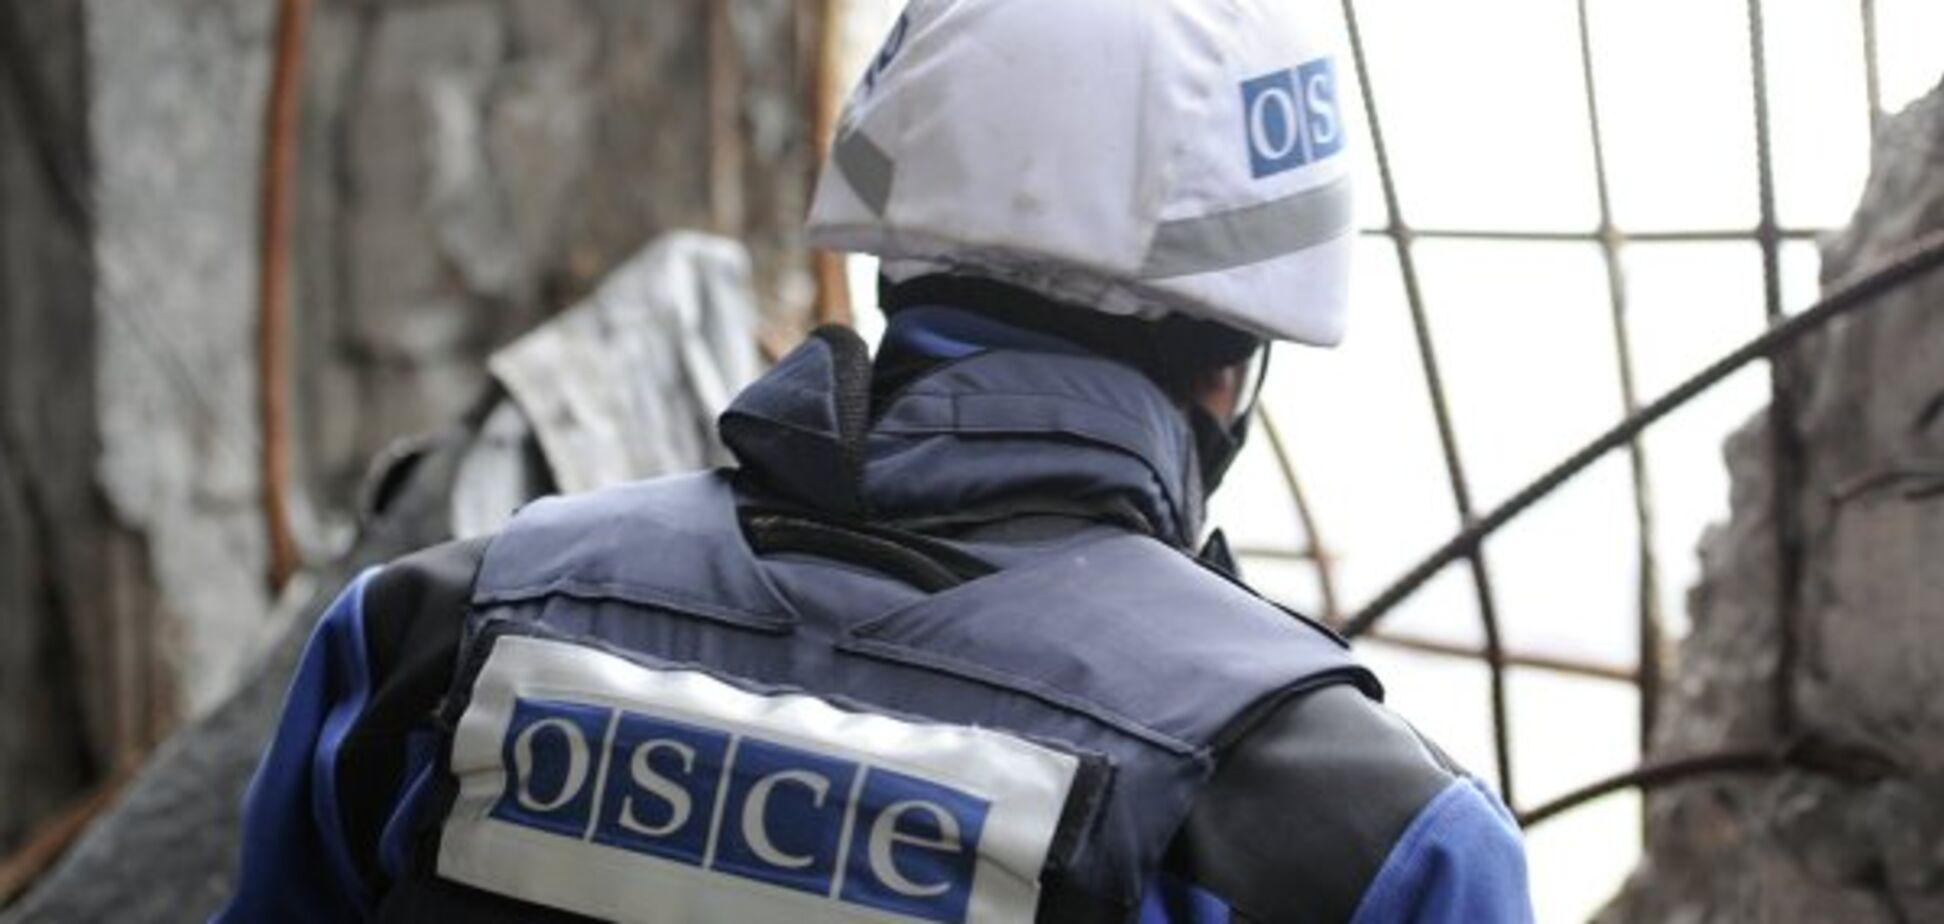 Документы миссии ОБСЕ на Донбассе 'сливали' ФСБ - СМИ